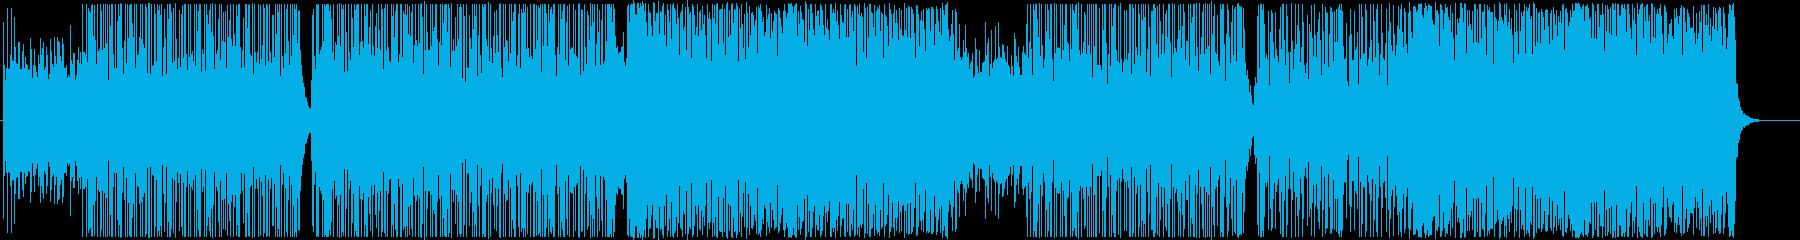 エモーショナル-PVなどエレクトロロックの再生済みの波形